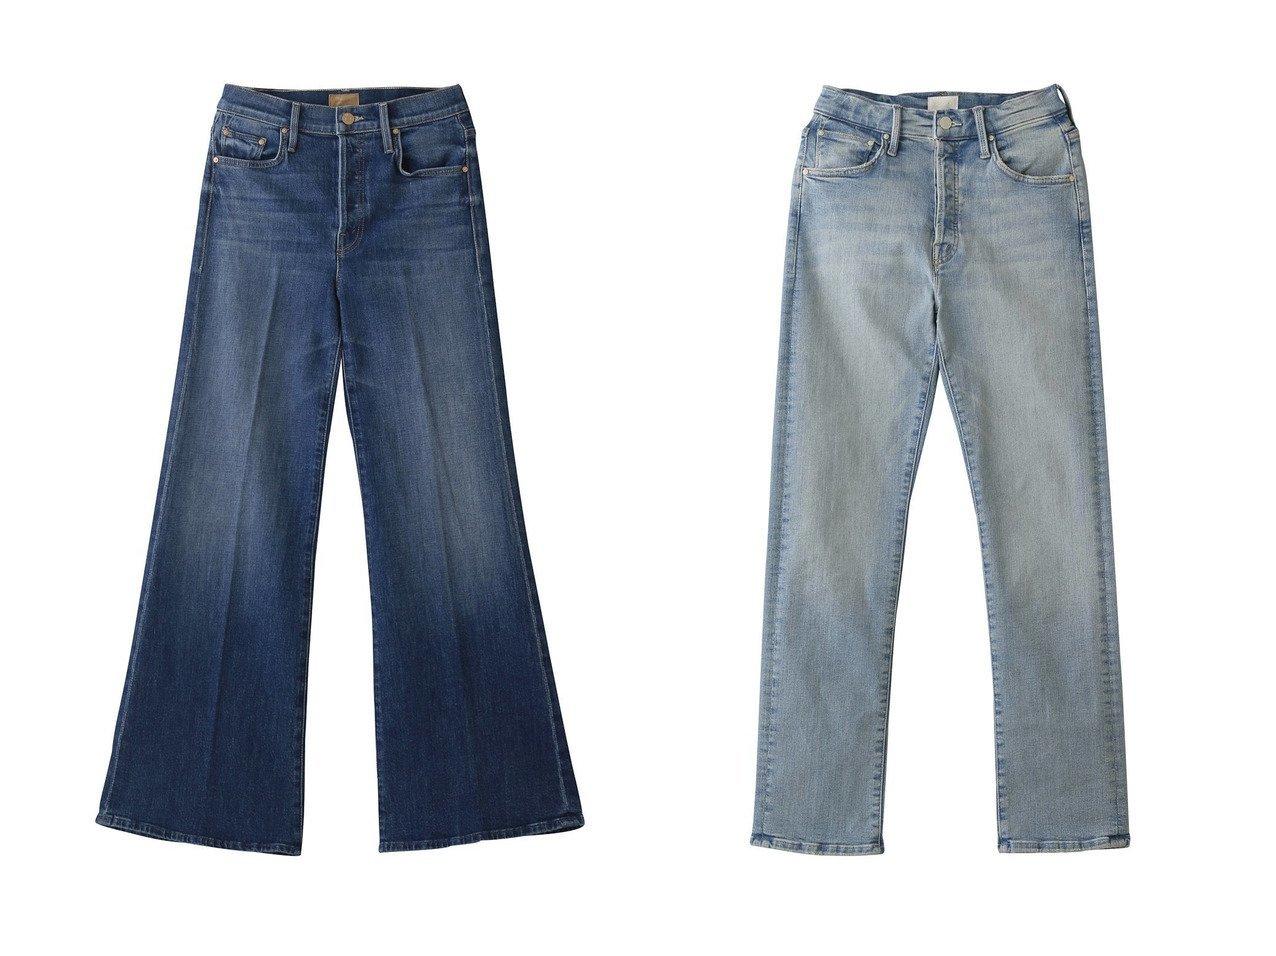 【MOTHER/マザー】のTHE TOMCAT ROLLER デニム&HIGH WAISTED HIKER HOVER デニム 【パンツ】おすすめ!人気、トレンド・レディースファッションの通販   おすすめで人気の流行・トレンド、ファッションの通販商品 インテリア・家具・メンズファッション・キッズファッション・レディースファッション・服の通販 founy(ファニー) https://founy.com/ ファッション Fashion レディースファッション WOMEN パンツ Pants デニムパンツ Denim Pants 2020年 2020 2020-2021秋冬・A/W AW・Autumn/Winter・FW・Fall-Winter/2020-2021 2021年 2021 2021-2022秋冬・A/W AW・Autumn/Winter・FW・Fall-Winter・2021-2022 A/W・秋冬 AW・Autumn/Winter・FW・Fall-Winter ウォッシュ センター デニム トレンド ワイド ストレート  ID:crp329100000066072